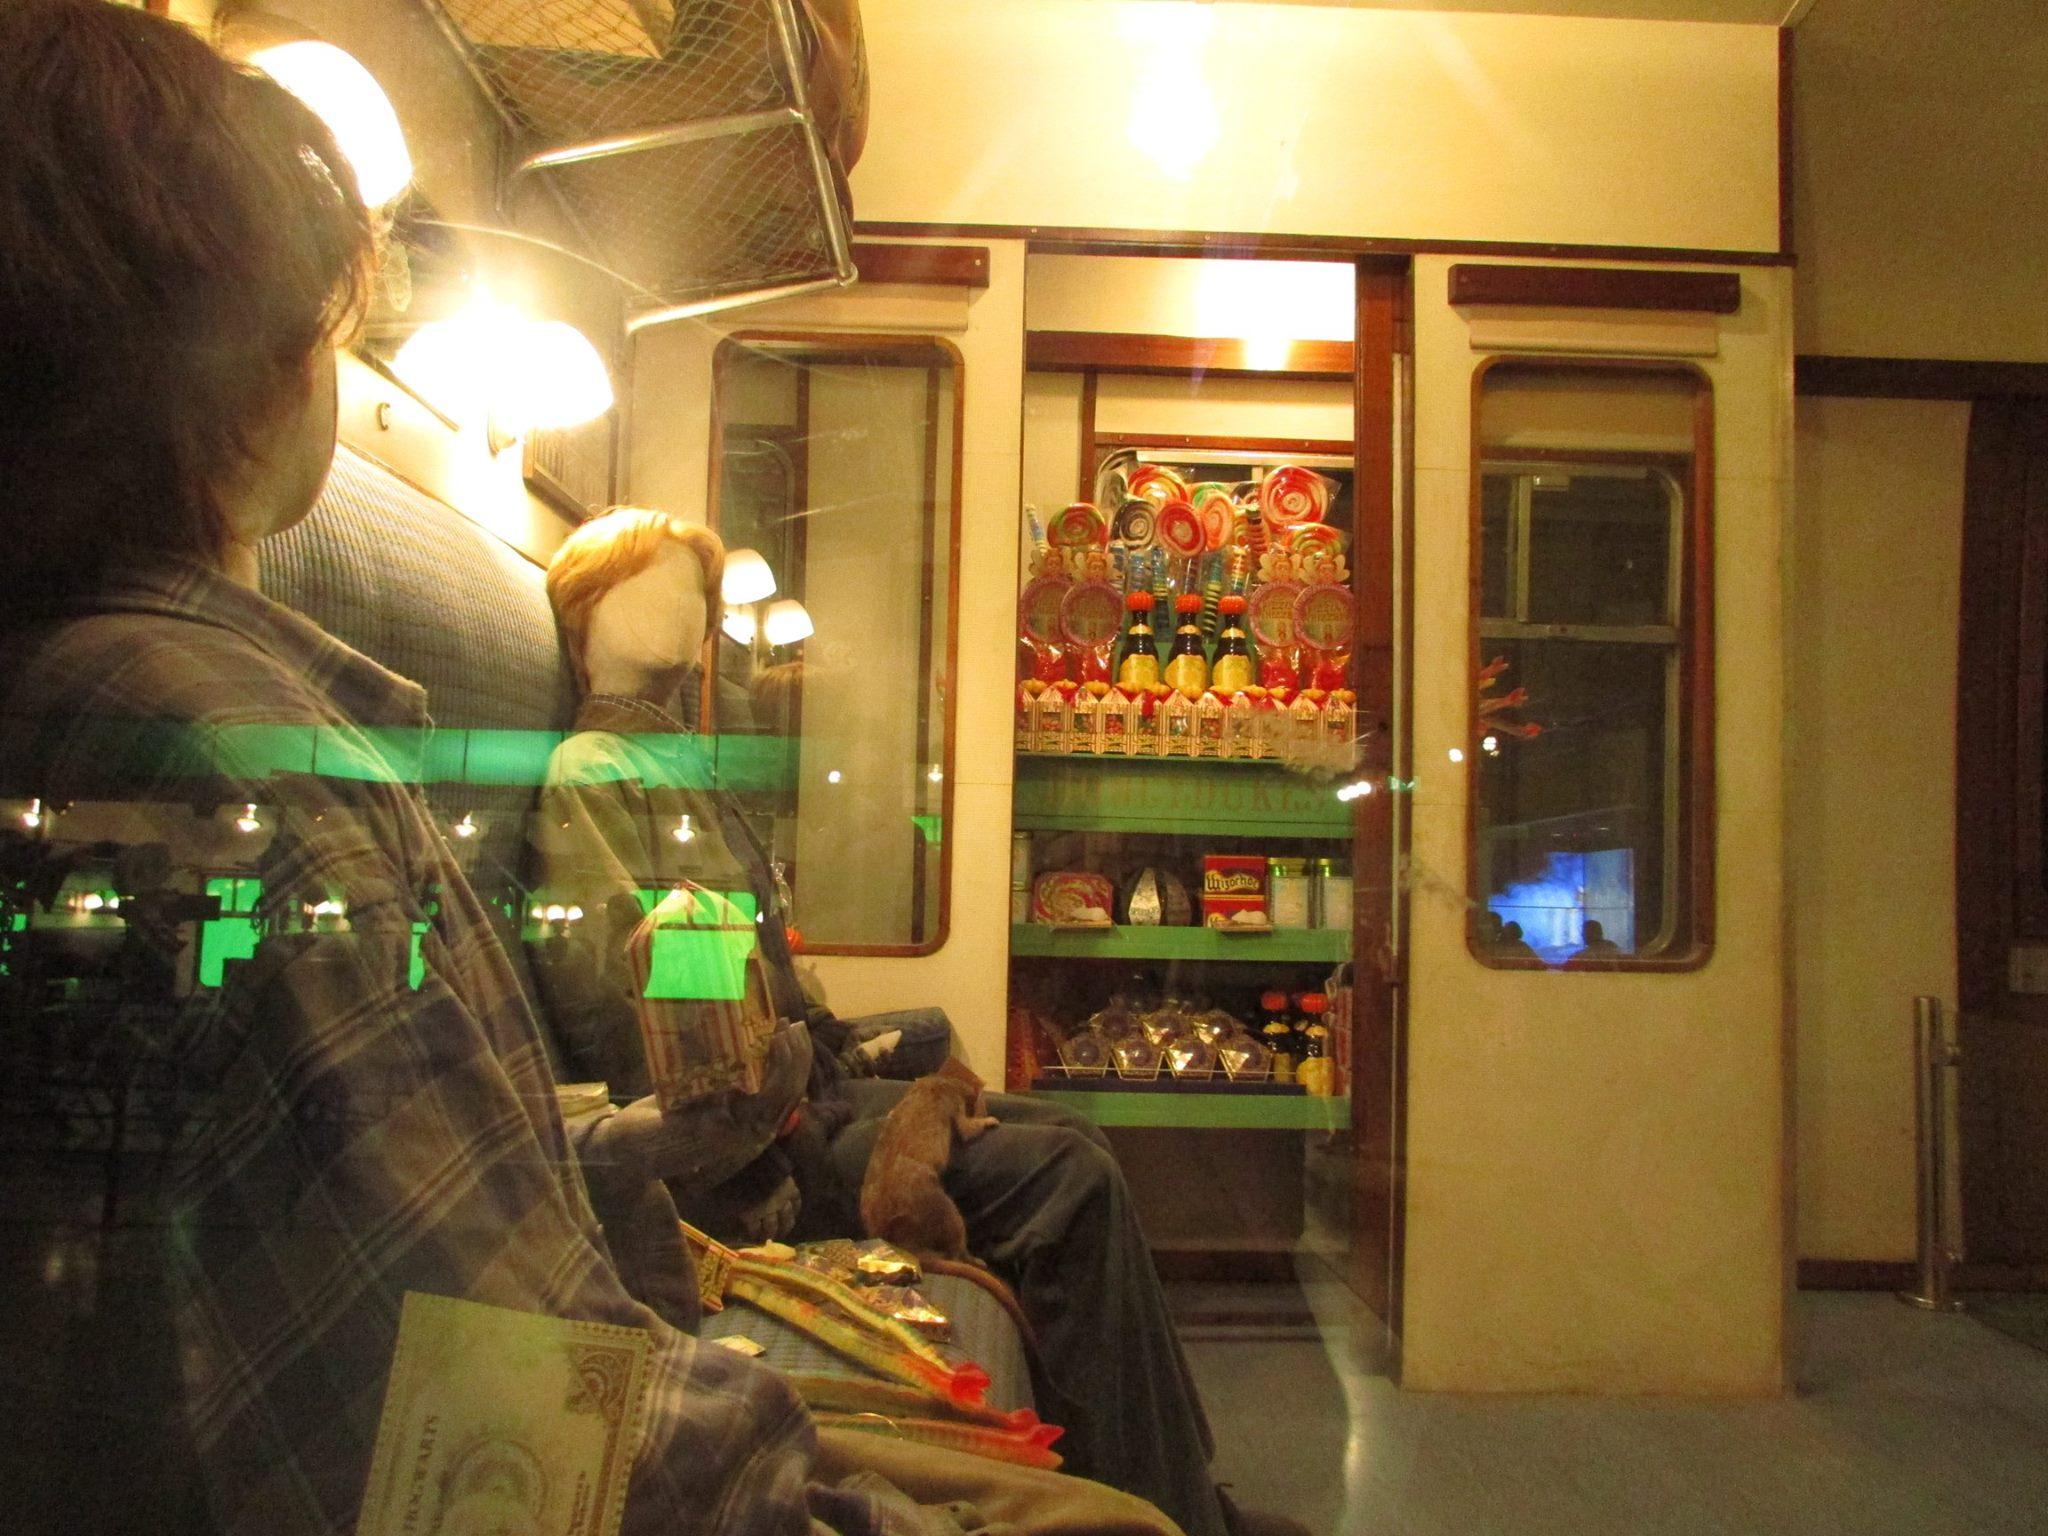 inside of train HP.jpg